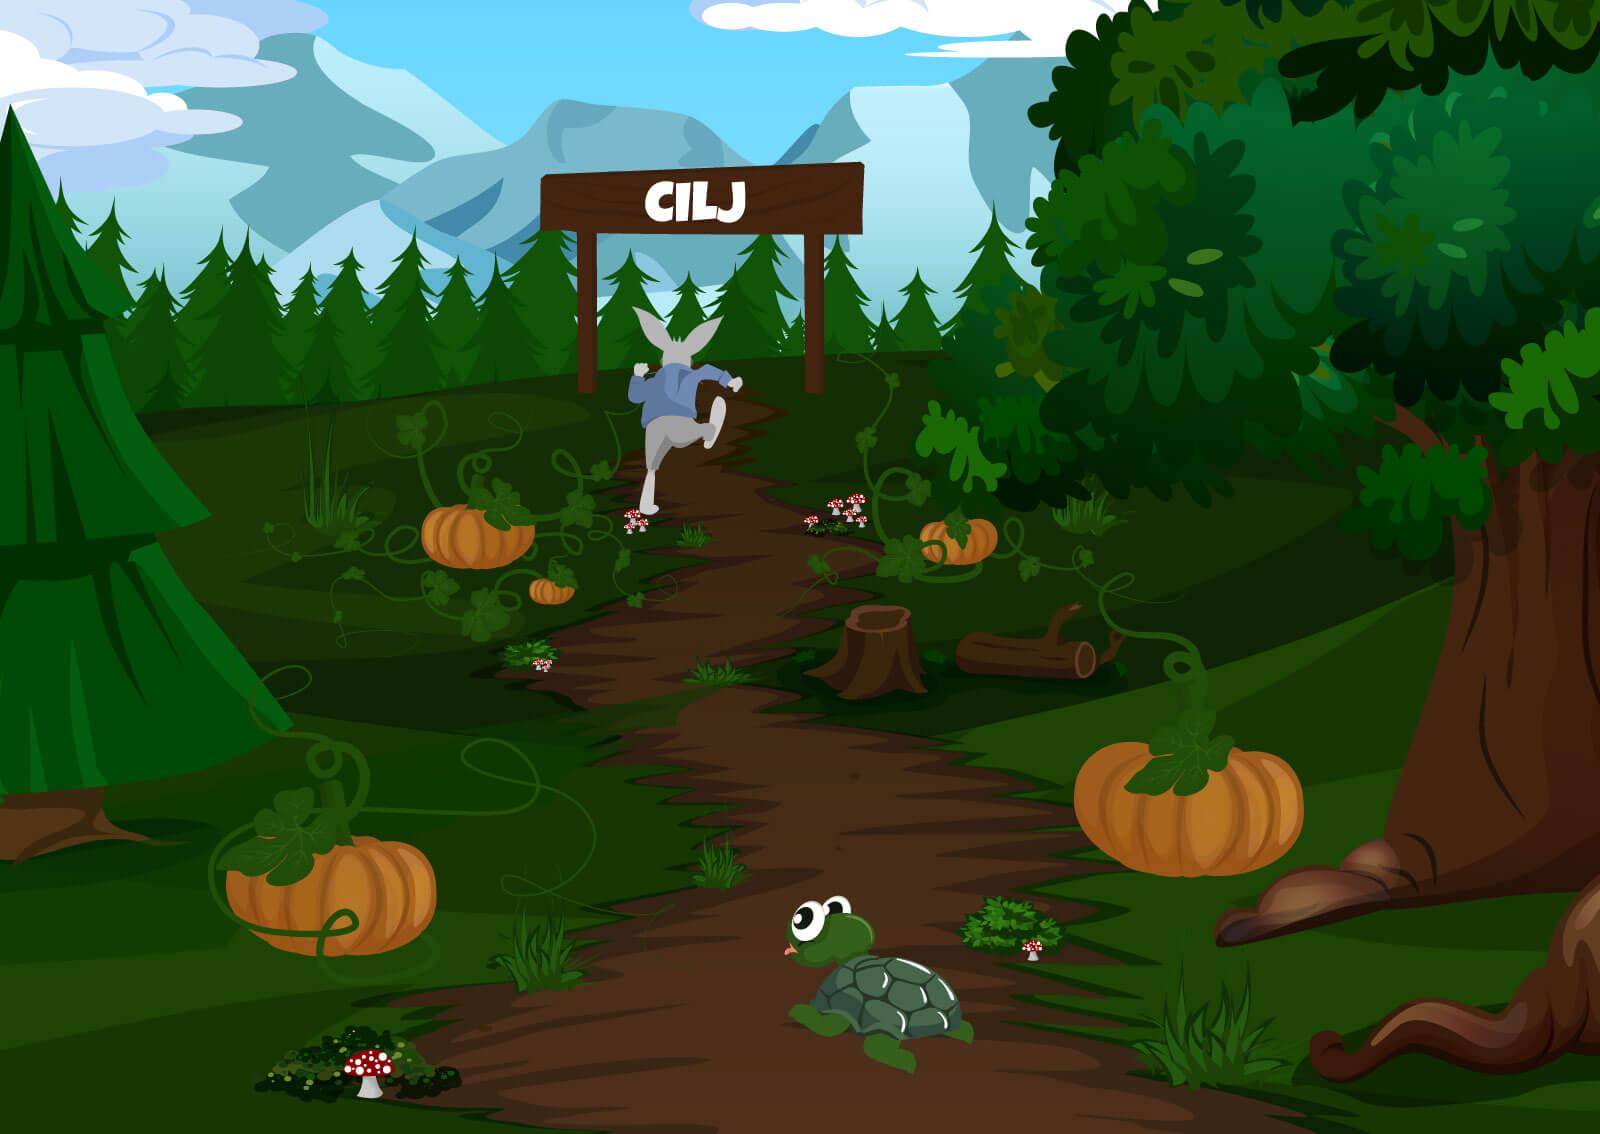 Ilustracija zeca koji trži kroz cilj, a kornjača zaostaje za njim. Simbolika brzine sajta i važnosti optimizacije